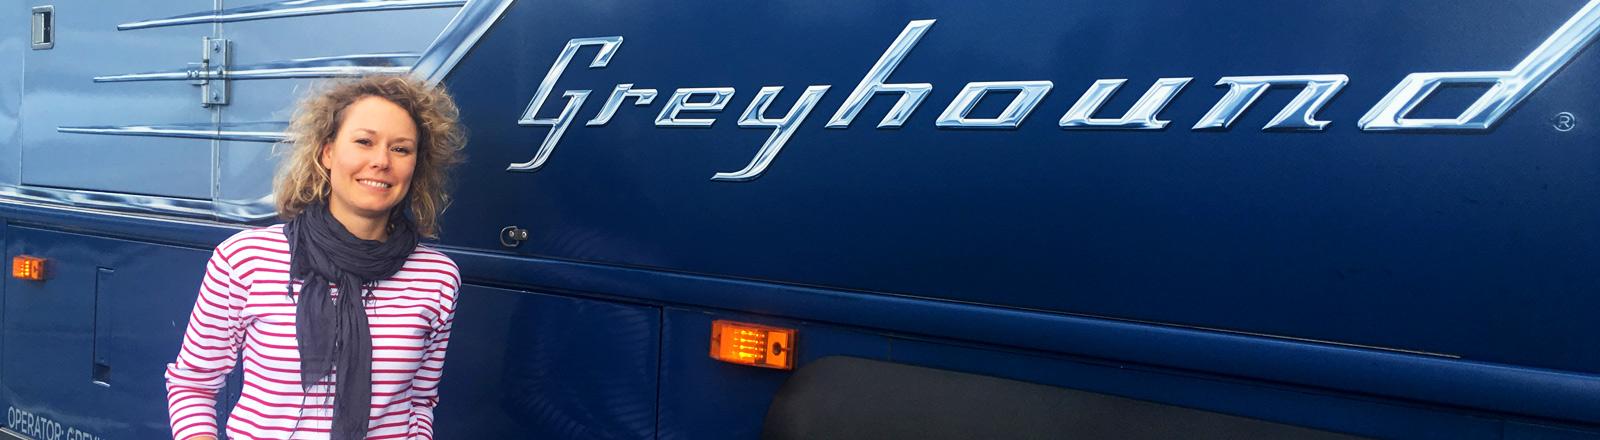 Hanna Ender vor einem Greyhound-Bus